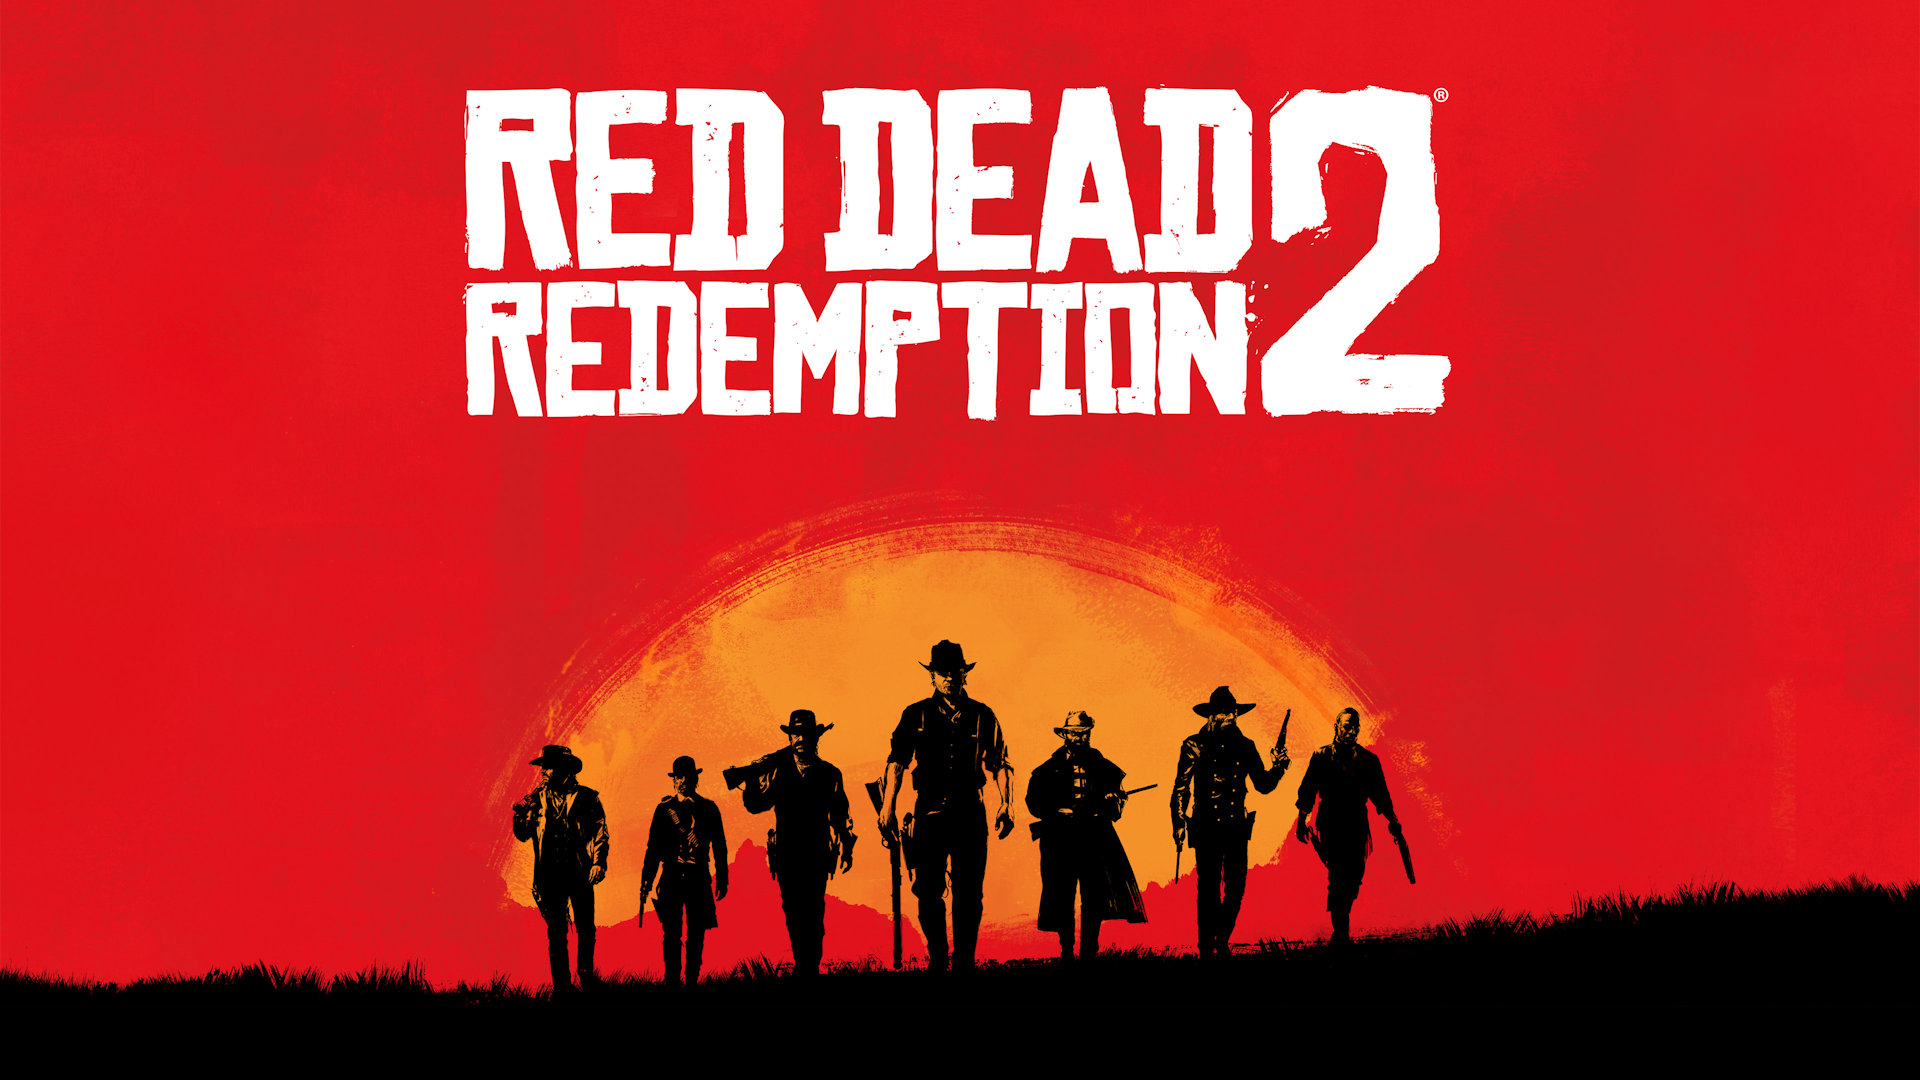 Red Dead Redemption II - Wallpaper